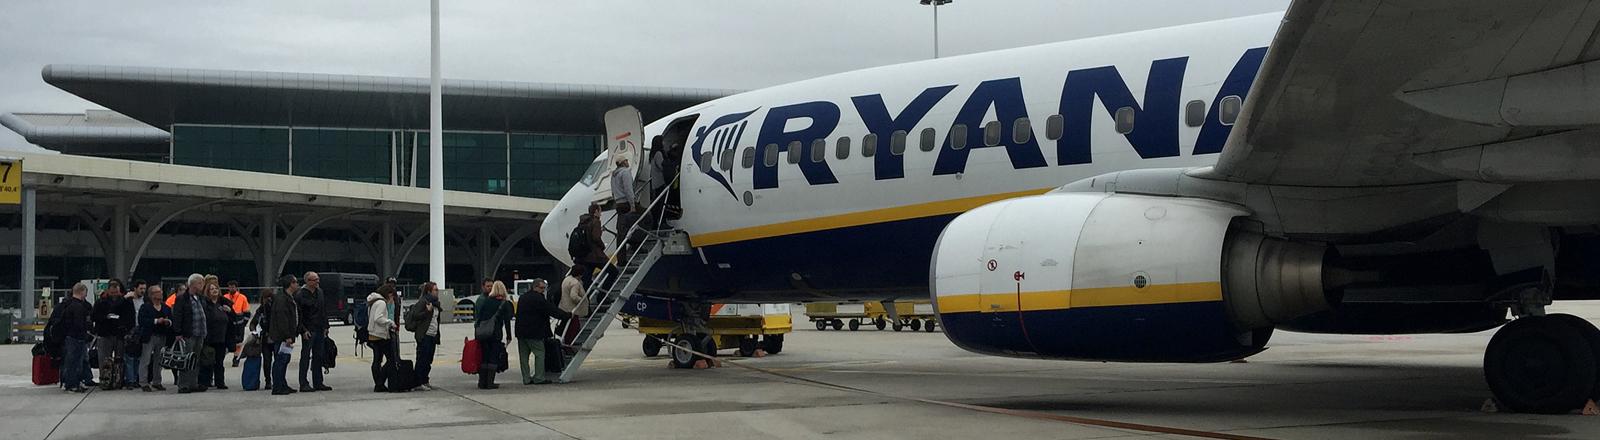 Eine Ryan-Air-Maschine auf dem Flughafen in Porto.